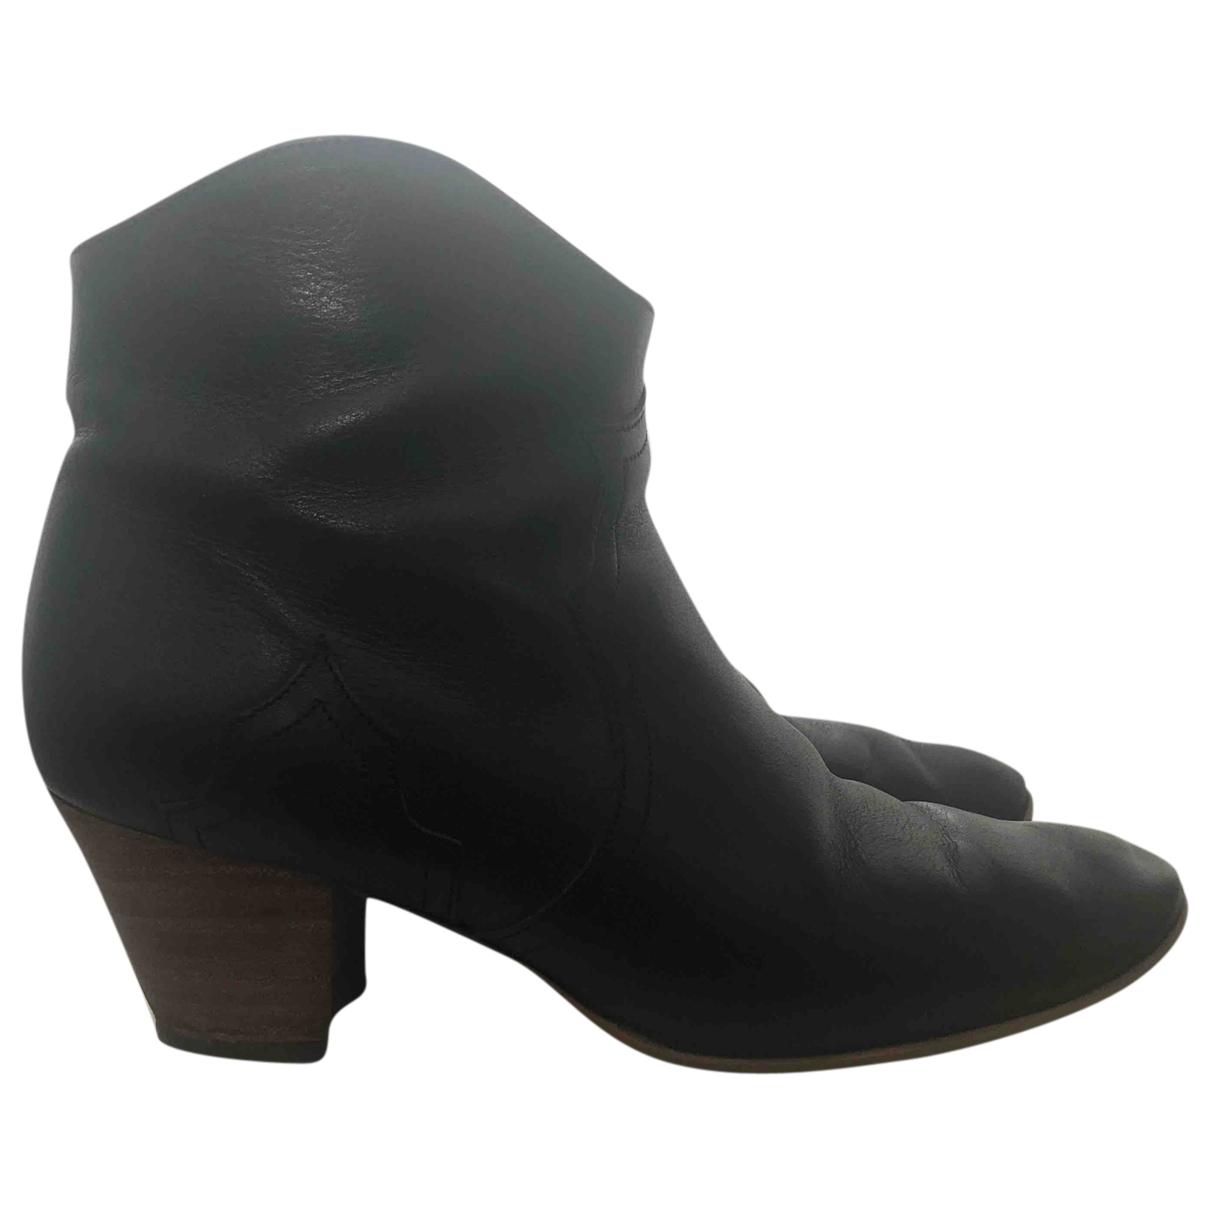 Isabel Marant - Boots Dicker pour femme en cuir - noir